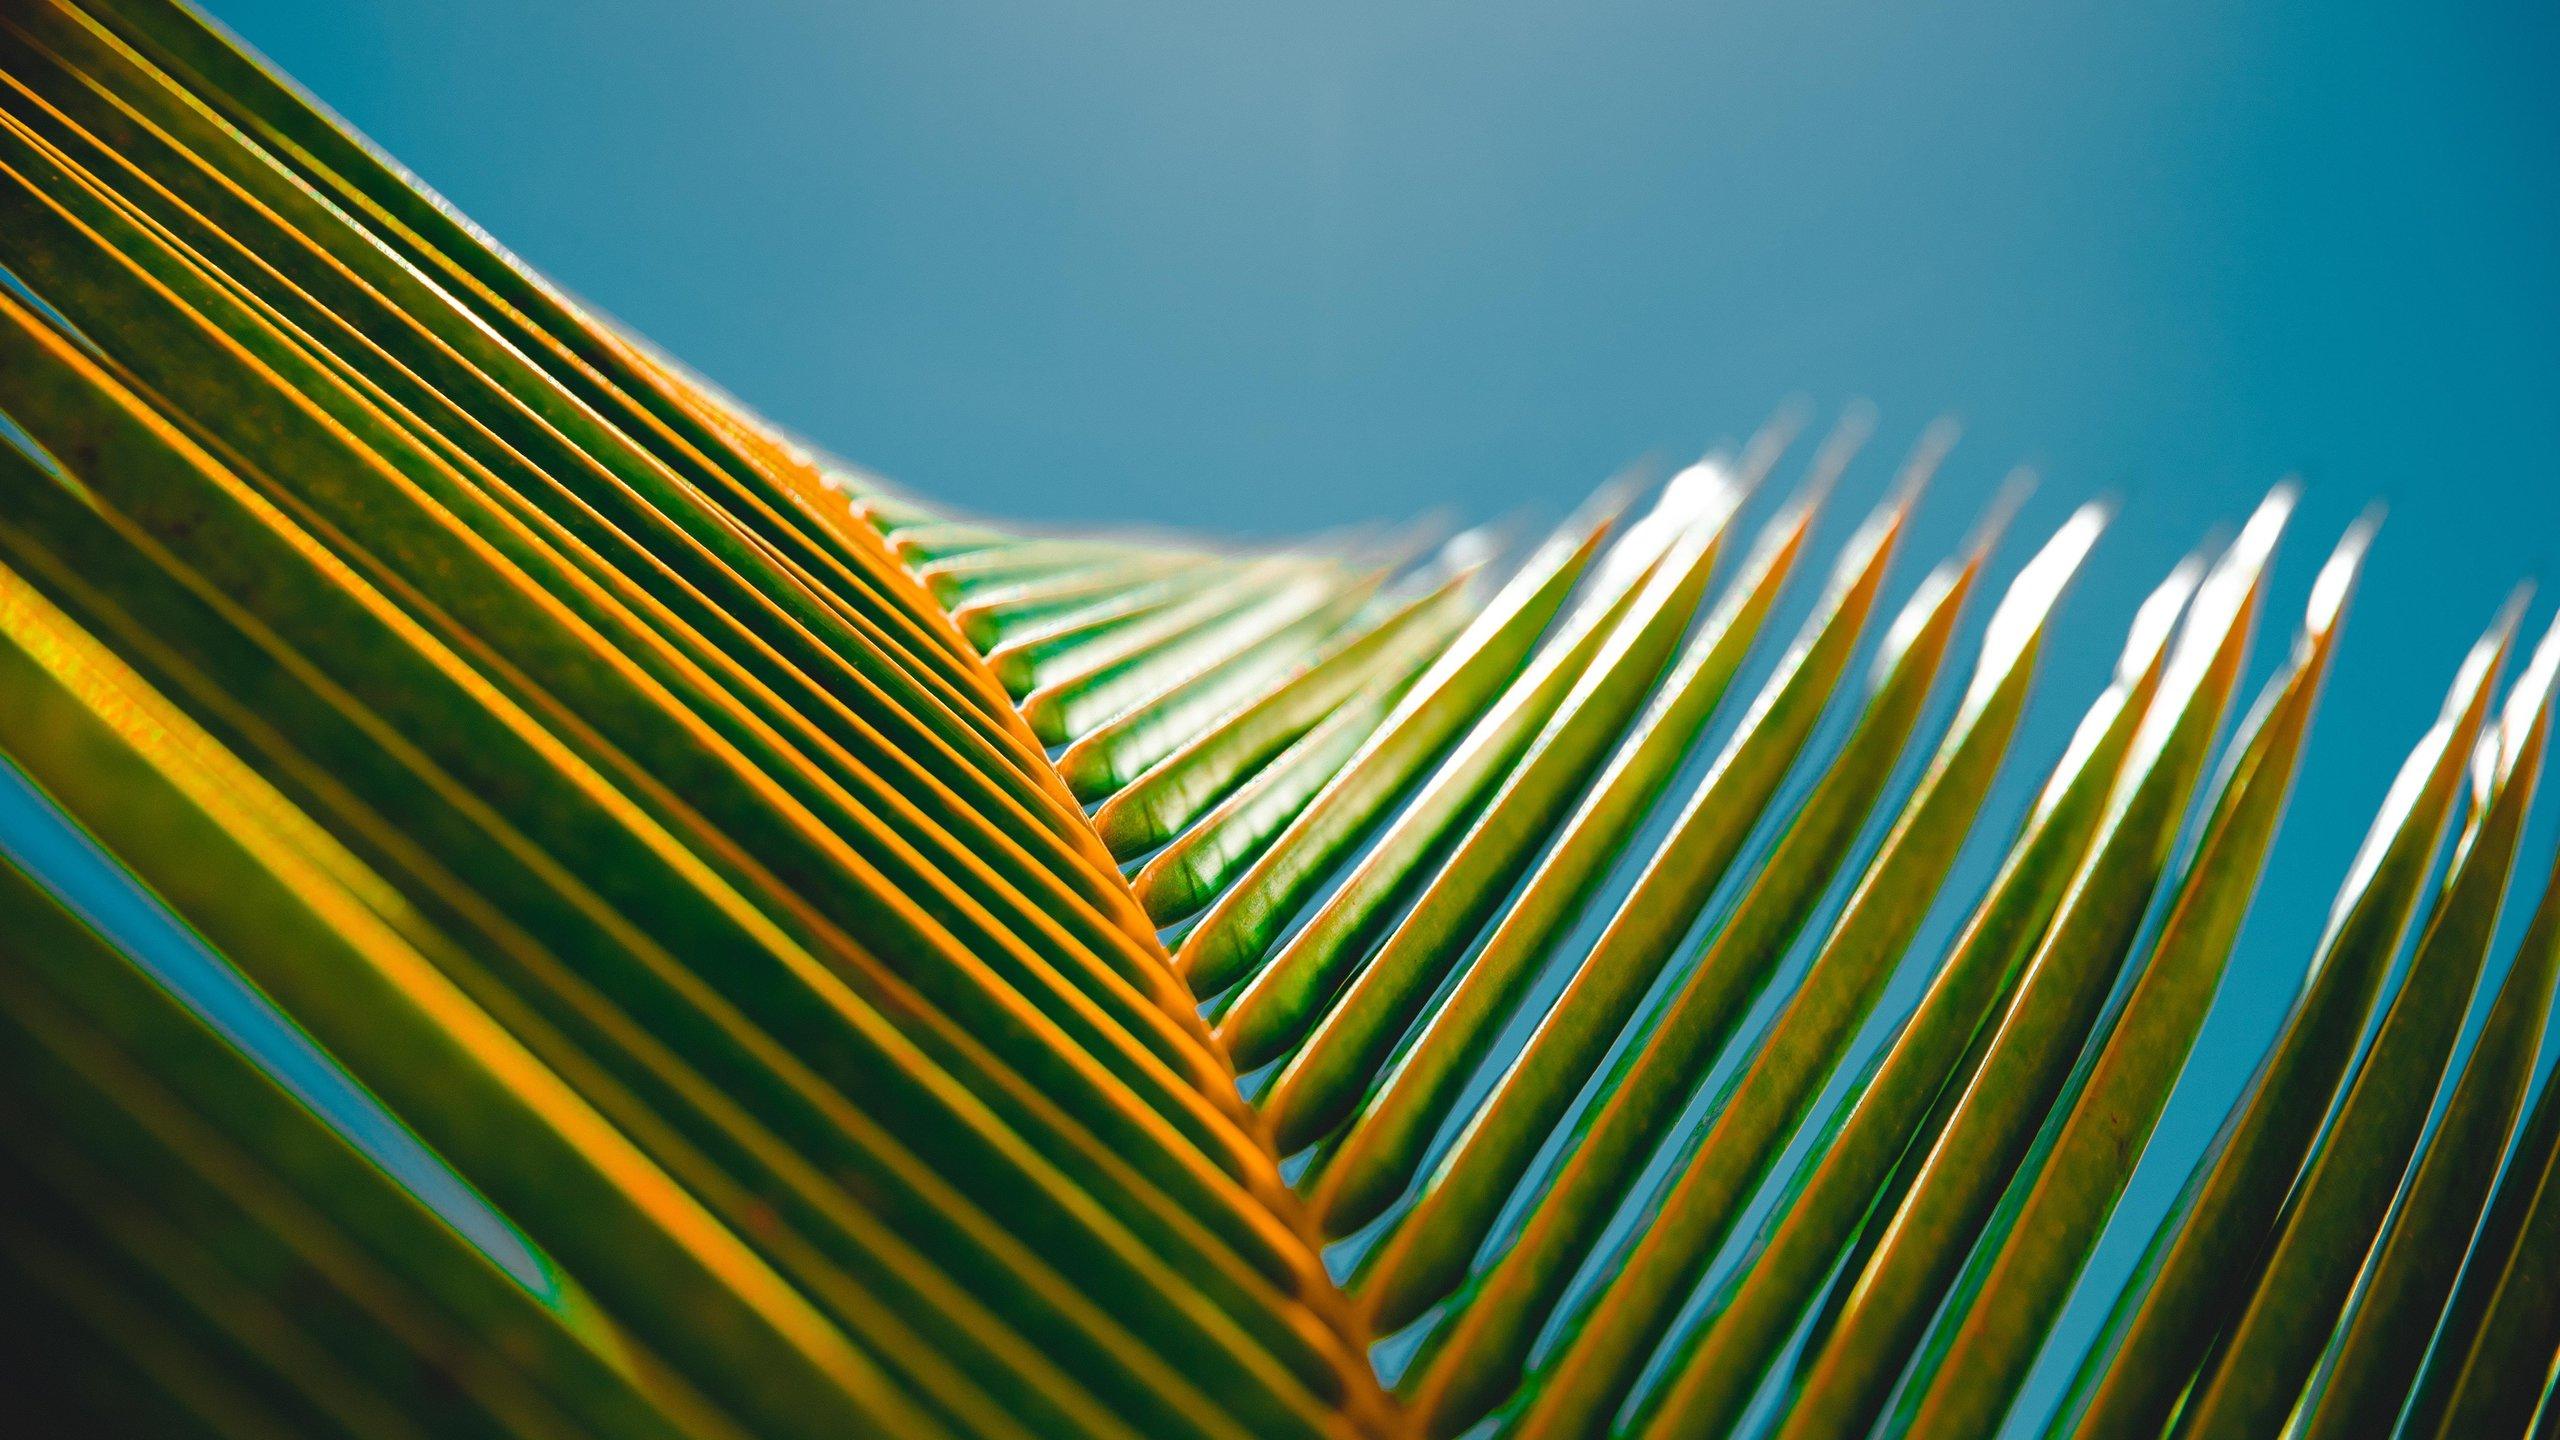 Hình nền lá cây dừa